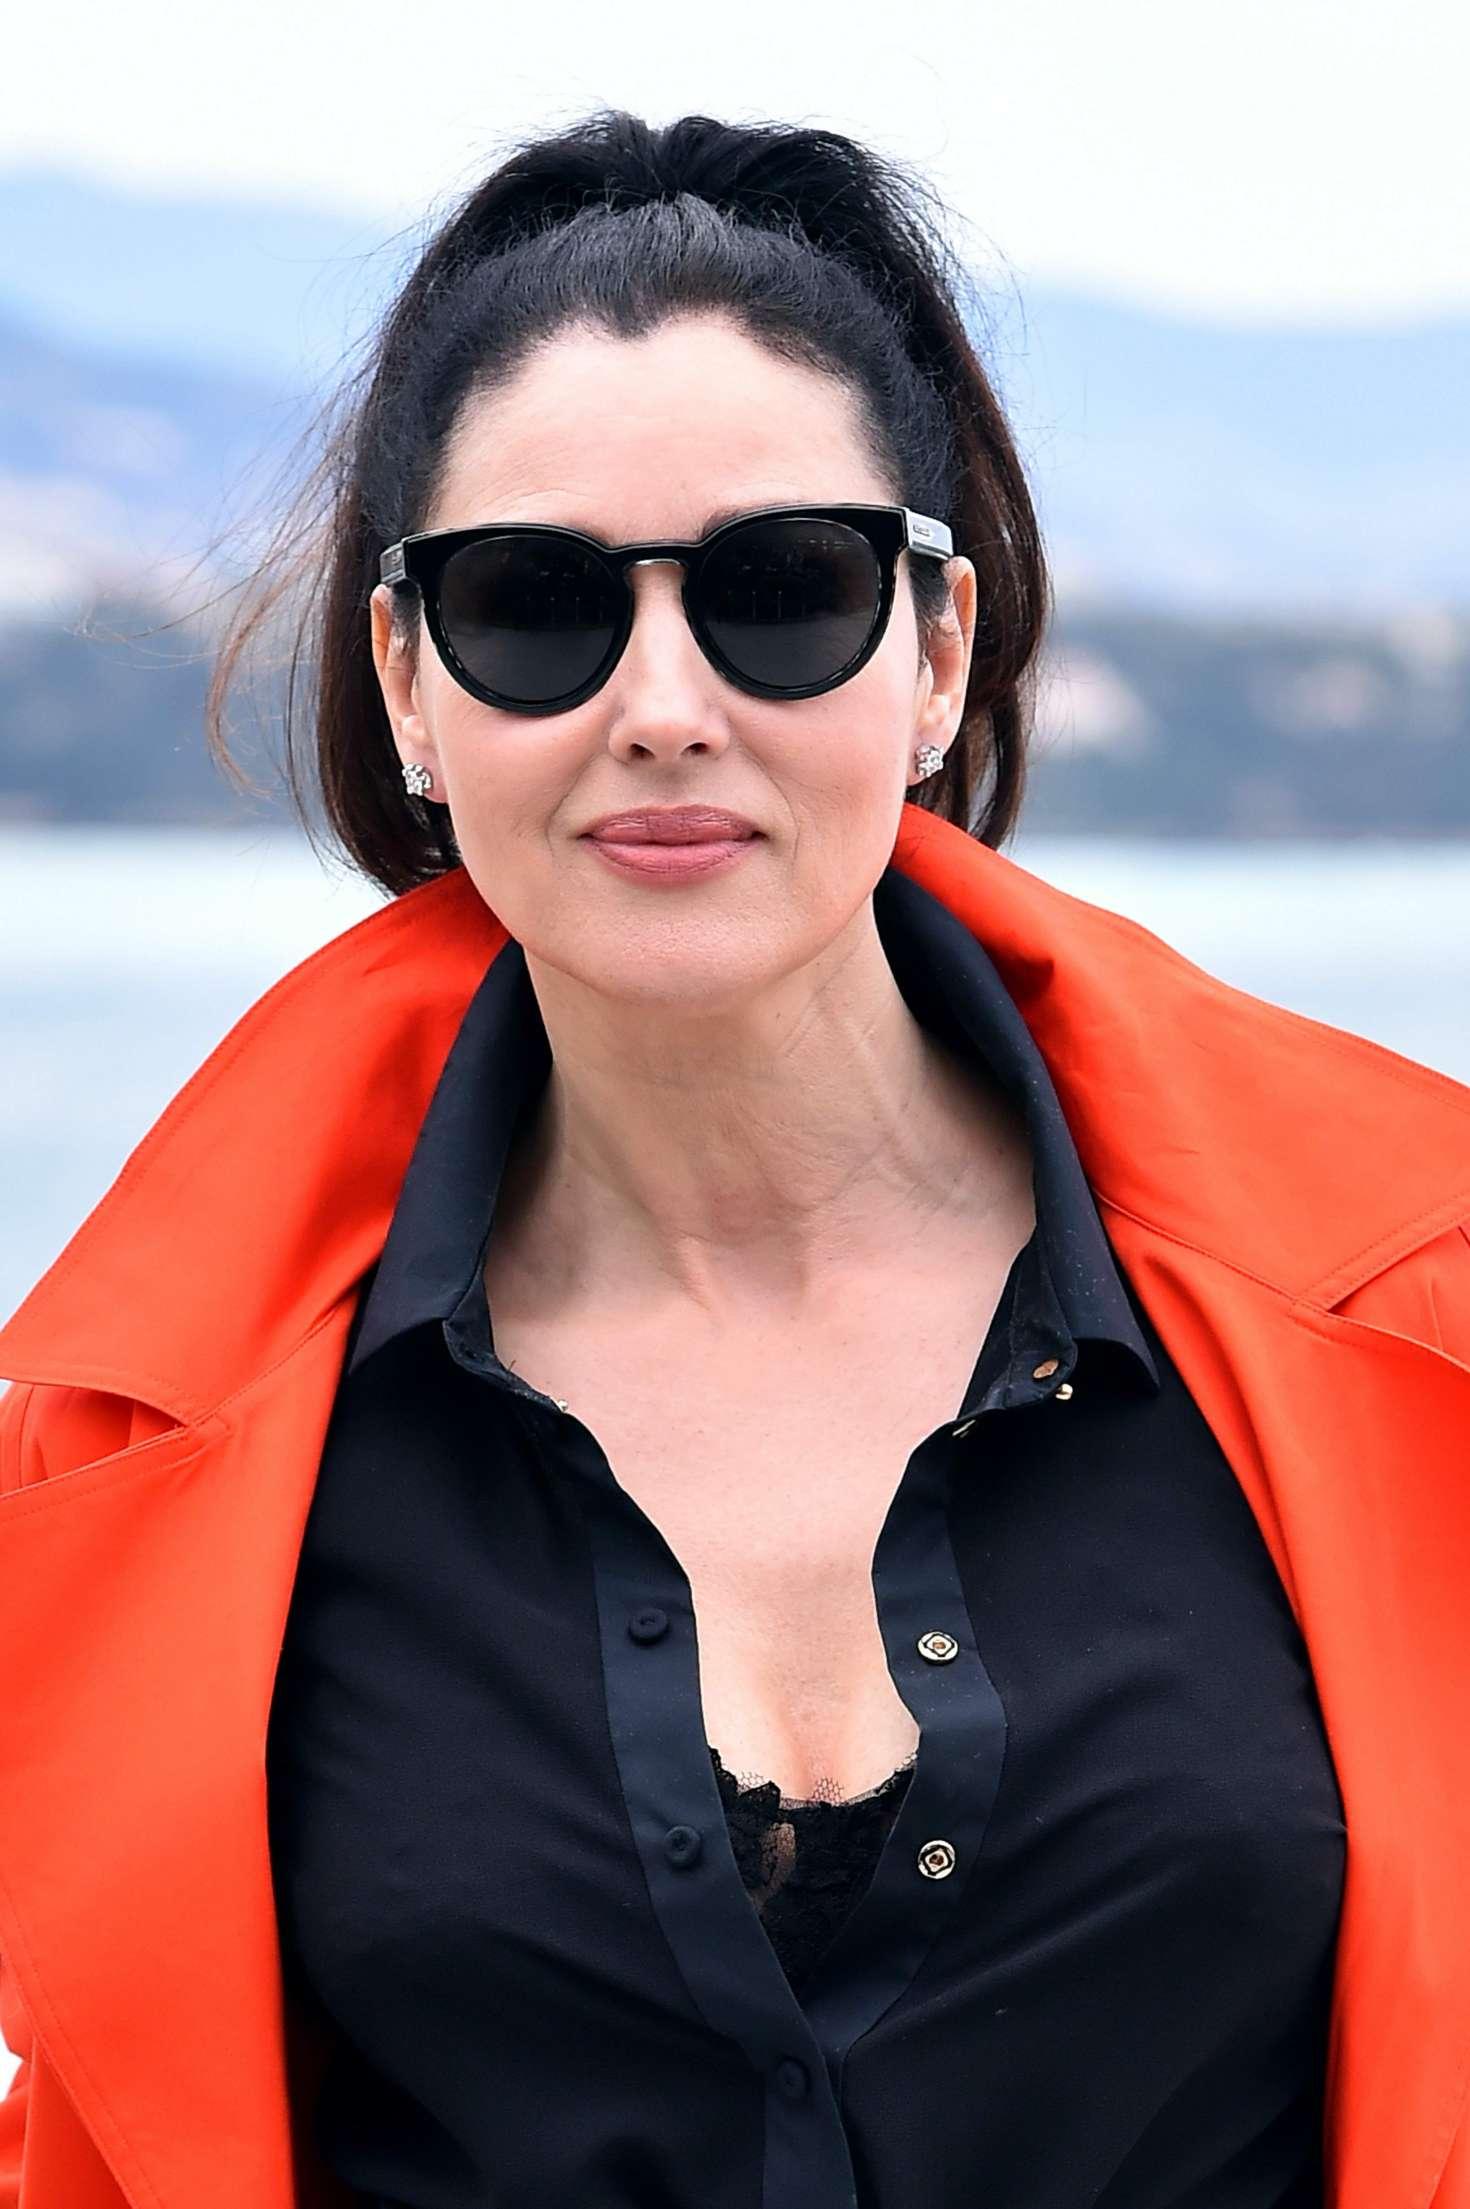 Monica Bellucci 2017 : Monica Bellucci: Monte-Carlo Comedy Film Festival Photocall -17